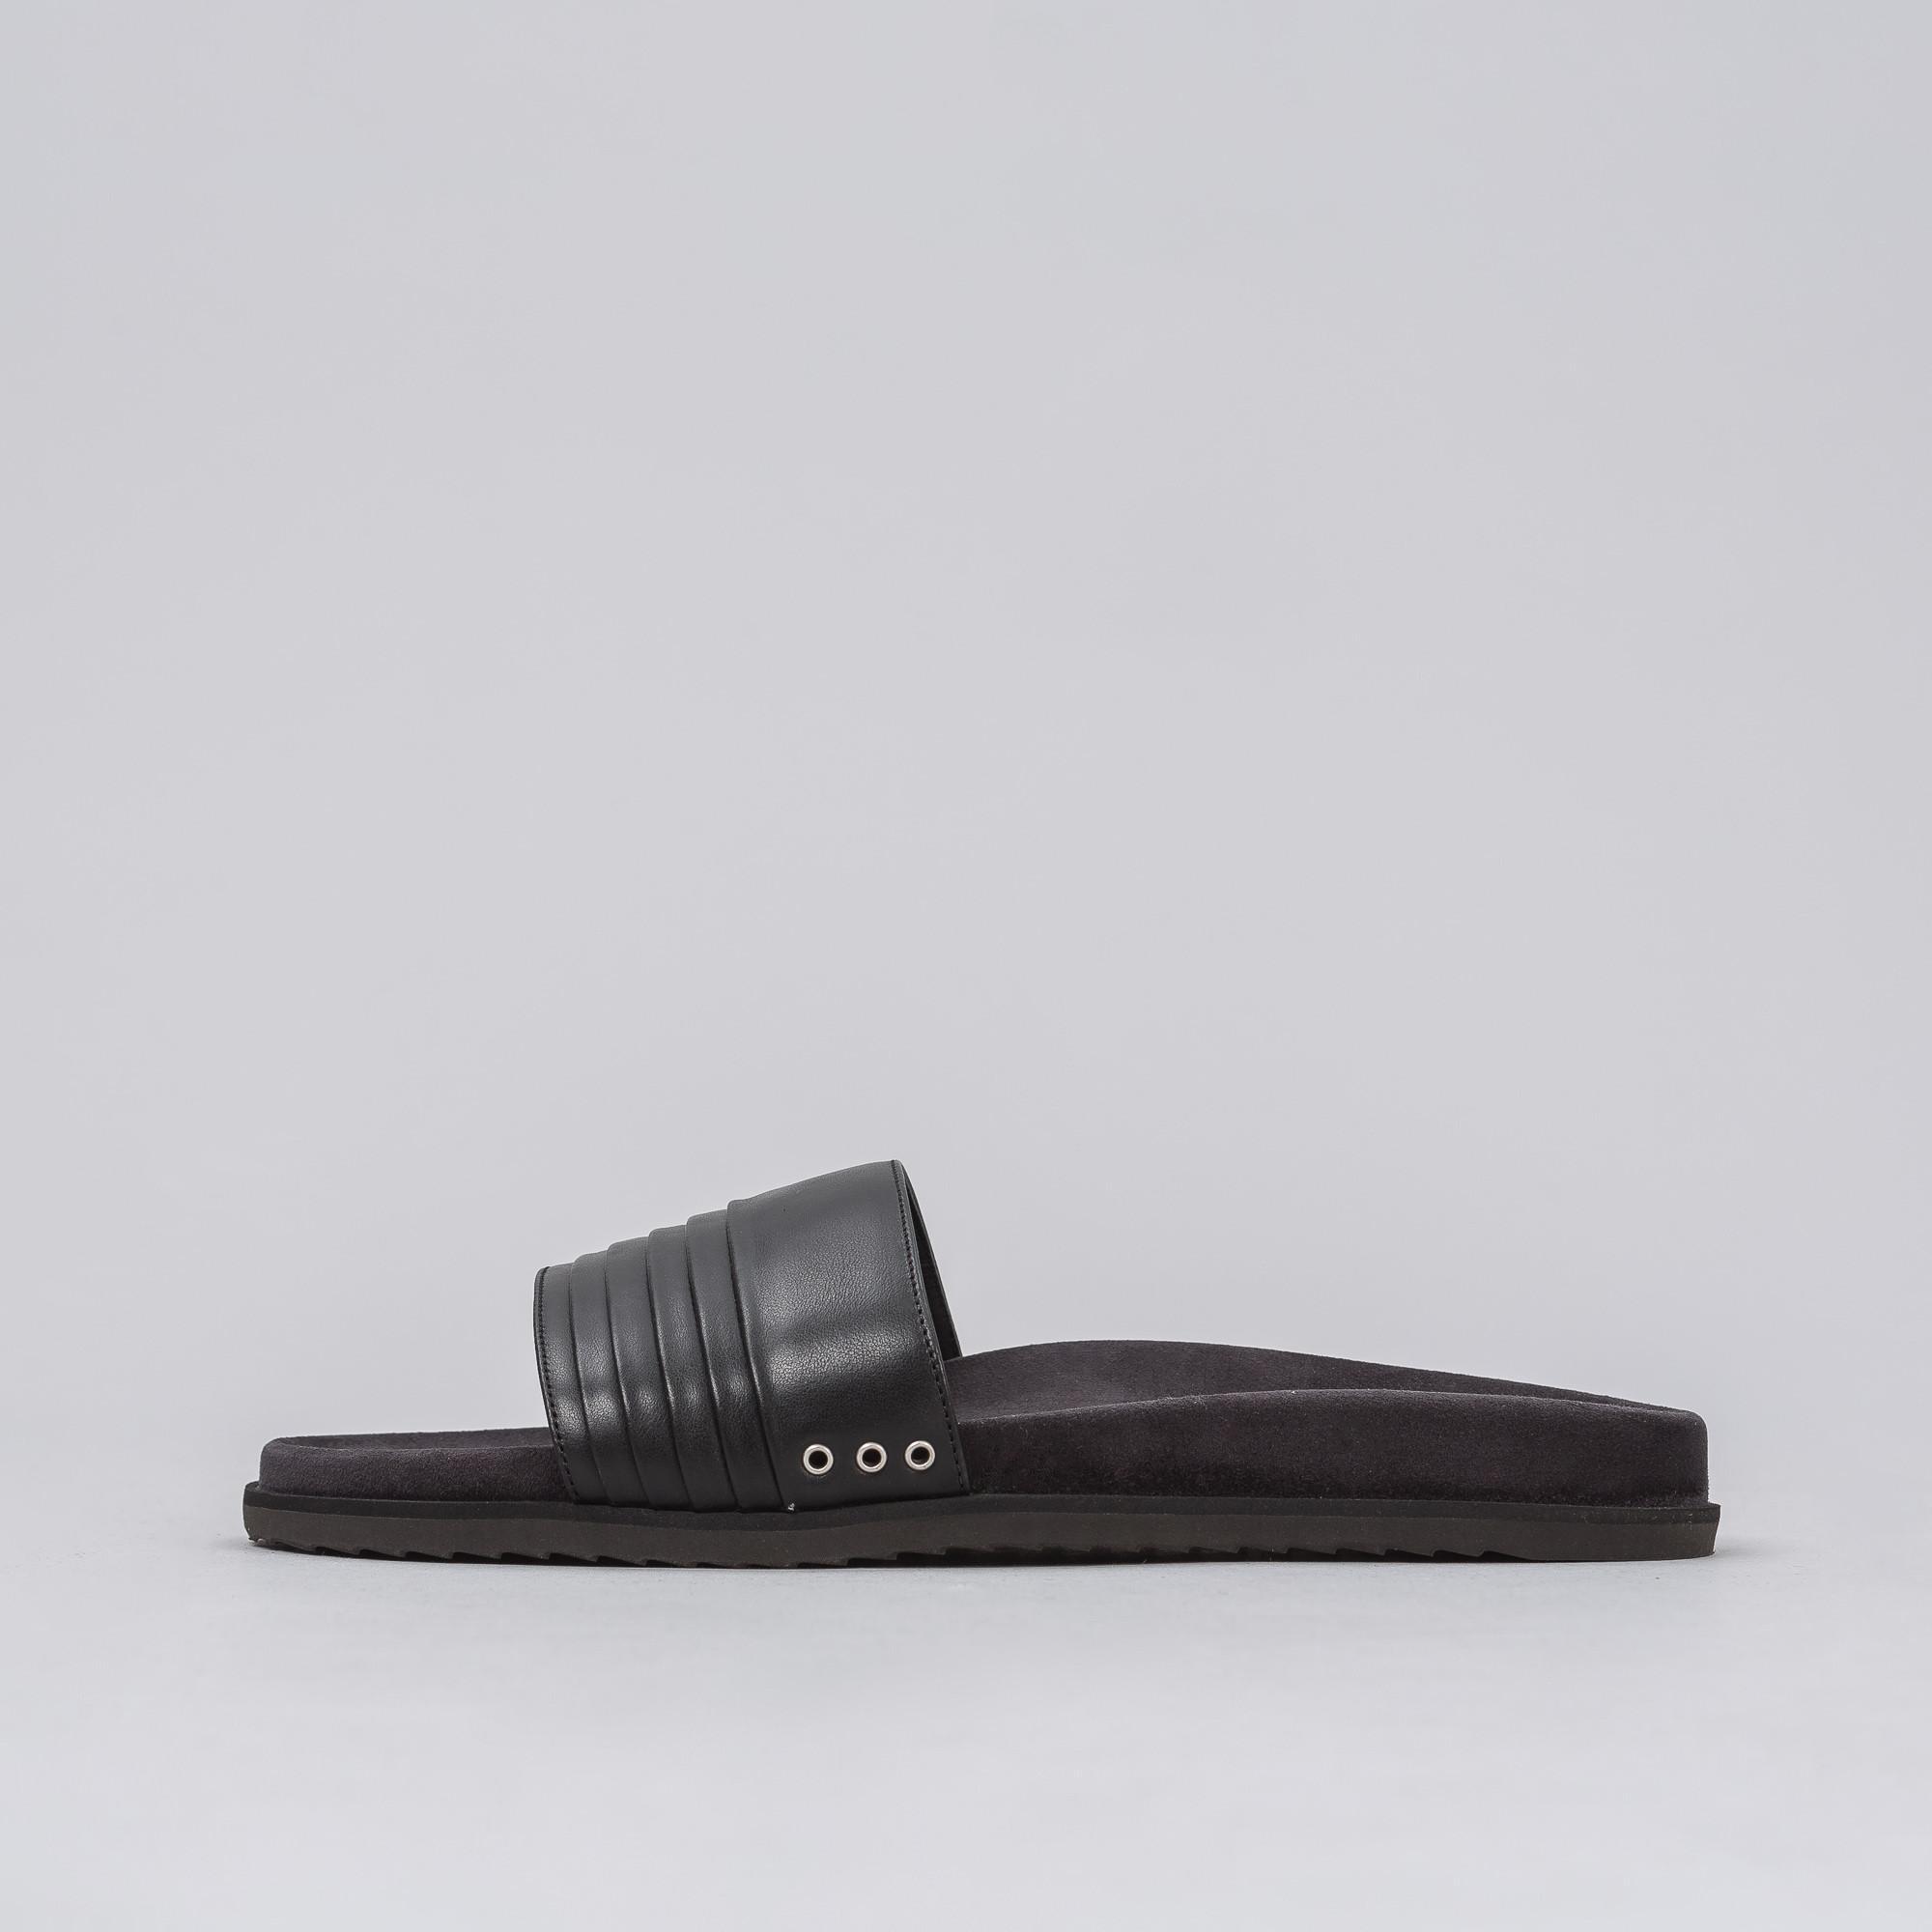 97c433718c1a Lyst - John Elliott Leather Sandal In Black in Black for Men